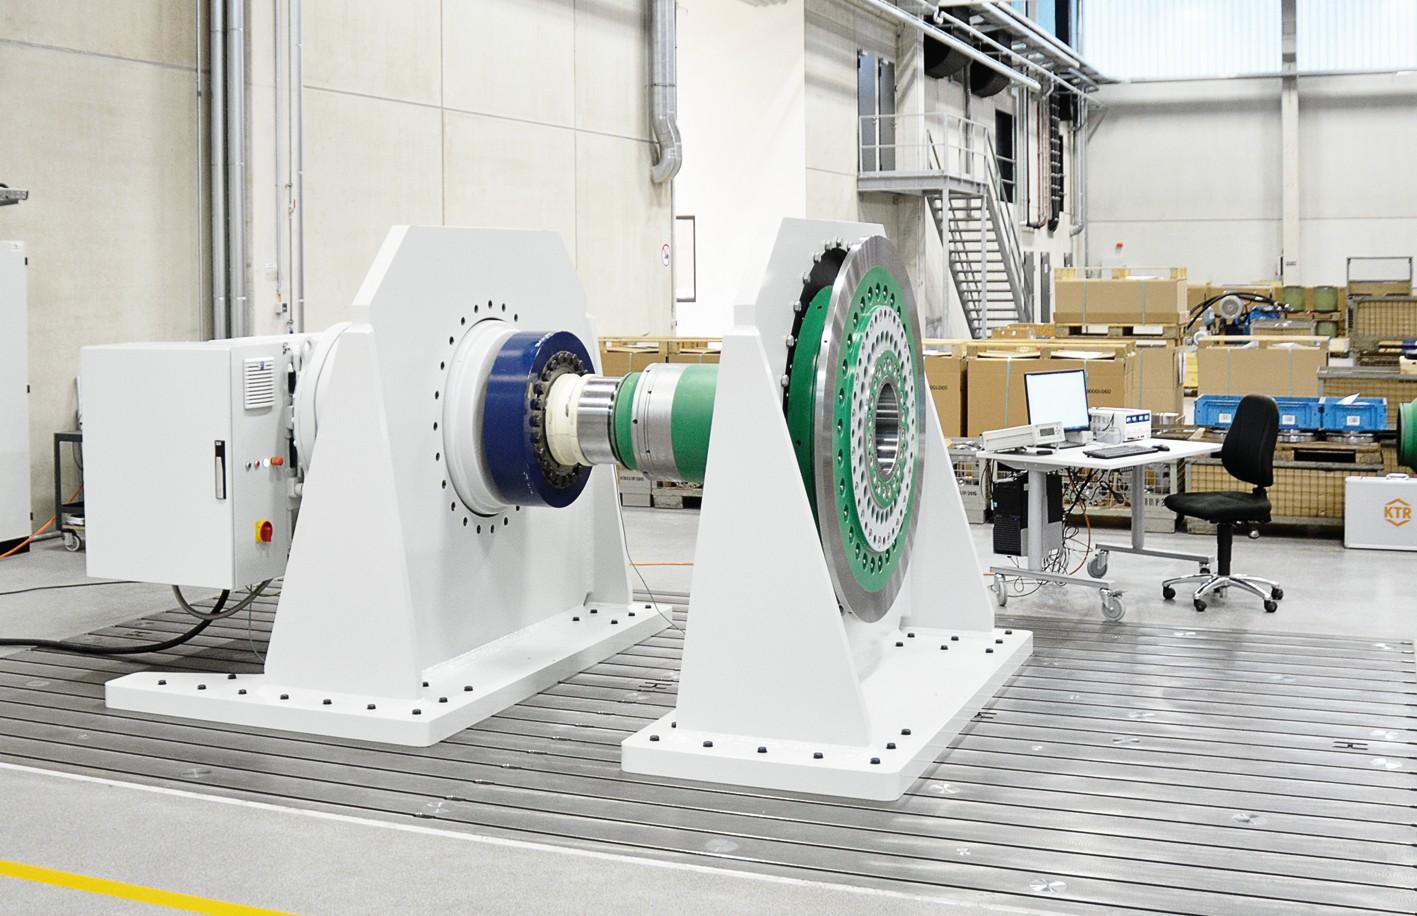 Bild 7 Auf dem neuen Prüfstand können Großkupplungen mit einem Leistungsumfang bis 500000Nm erprobt werden. Auf dem Prüfstand lassen sich mechanische Kupplungskennwerte ermitteln sowie Festigkeits- und Lebensdauerprüfungen durchführen. Prüfling der aktuellen Versuchsreihe ist ein Drehmomentbegrenzer für den Einsatz in einer 8-MW-Offshore-Windenergieanlage. Bild: KTR